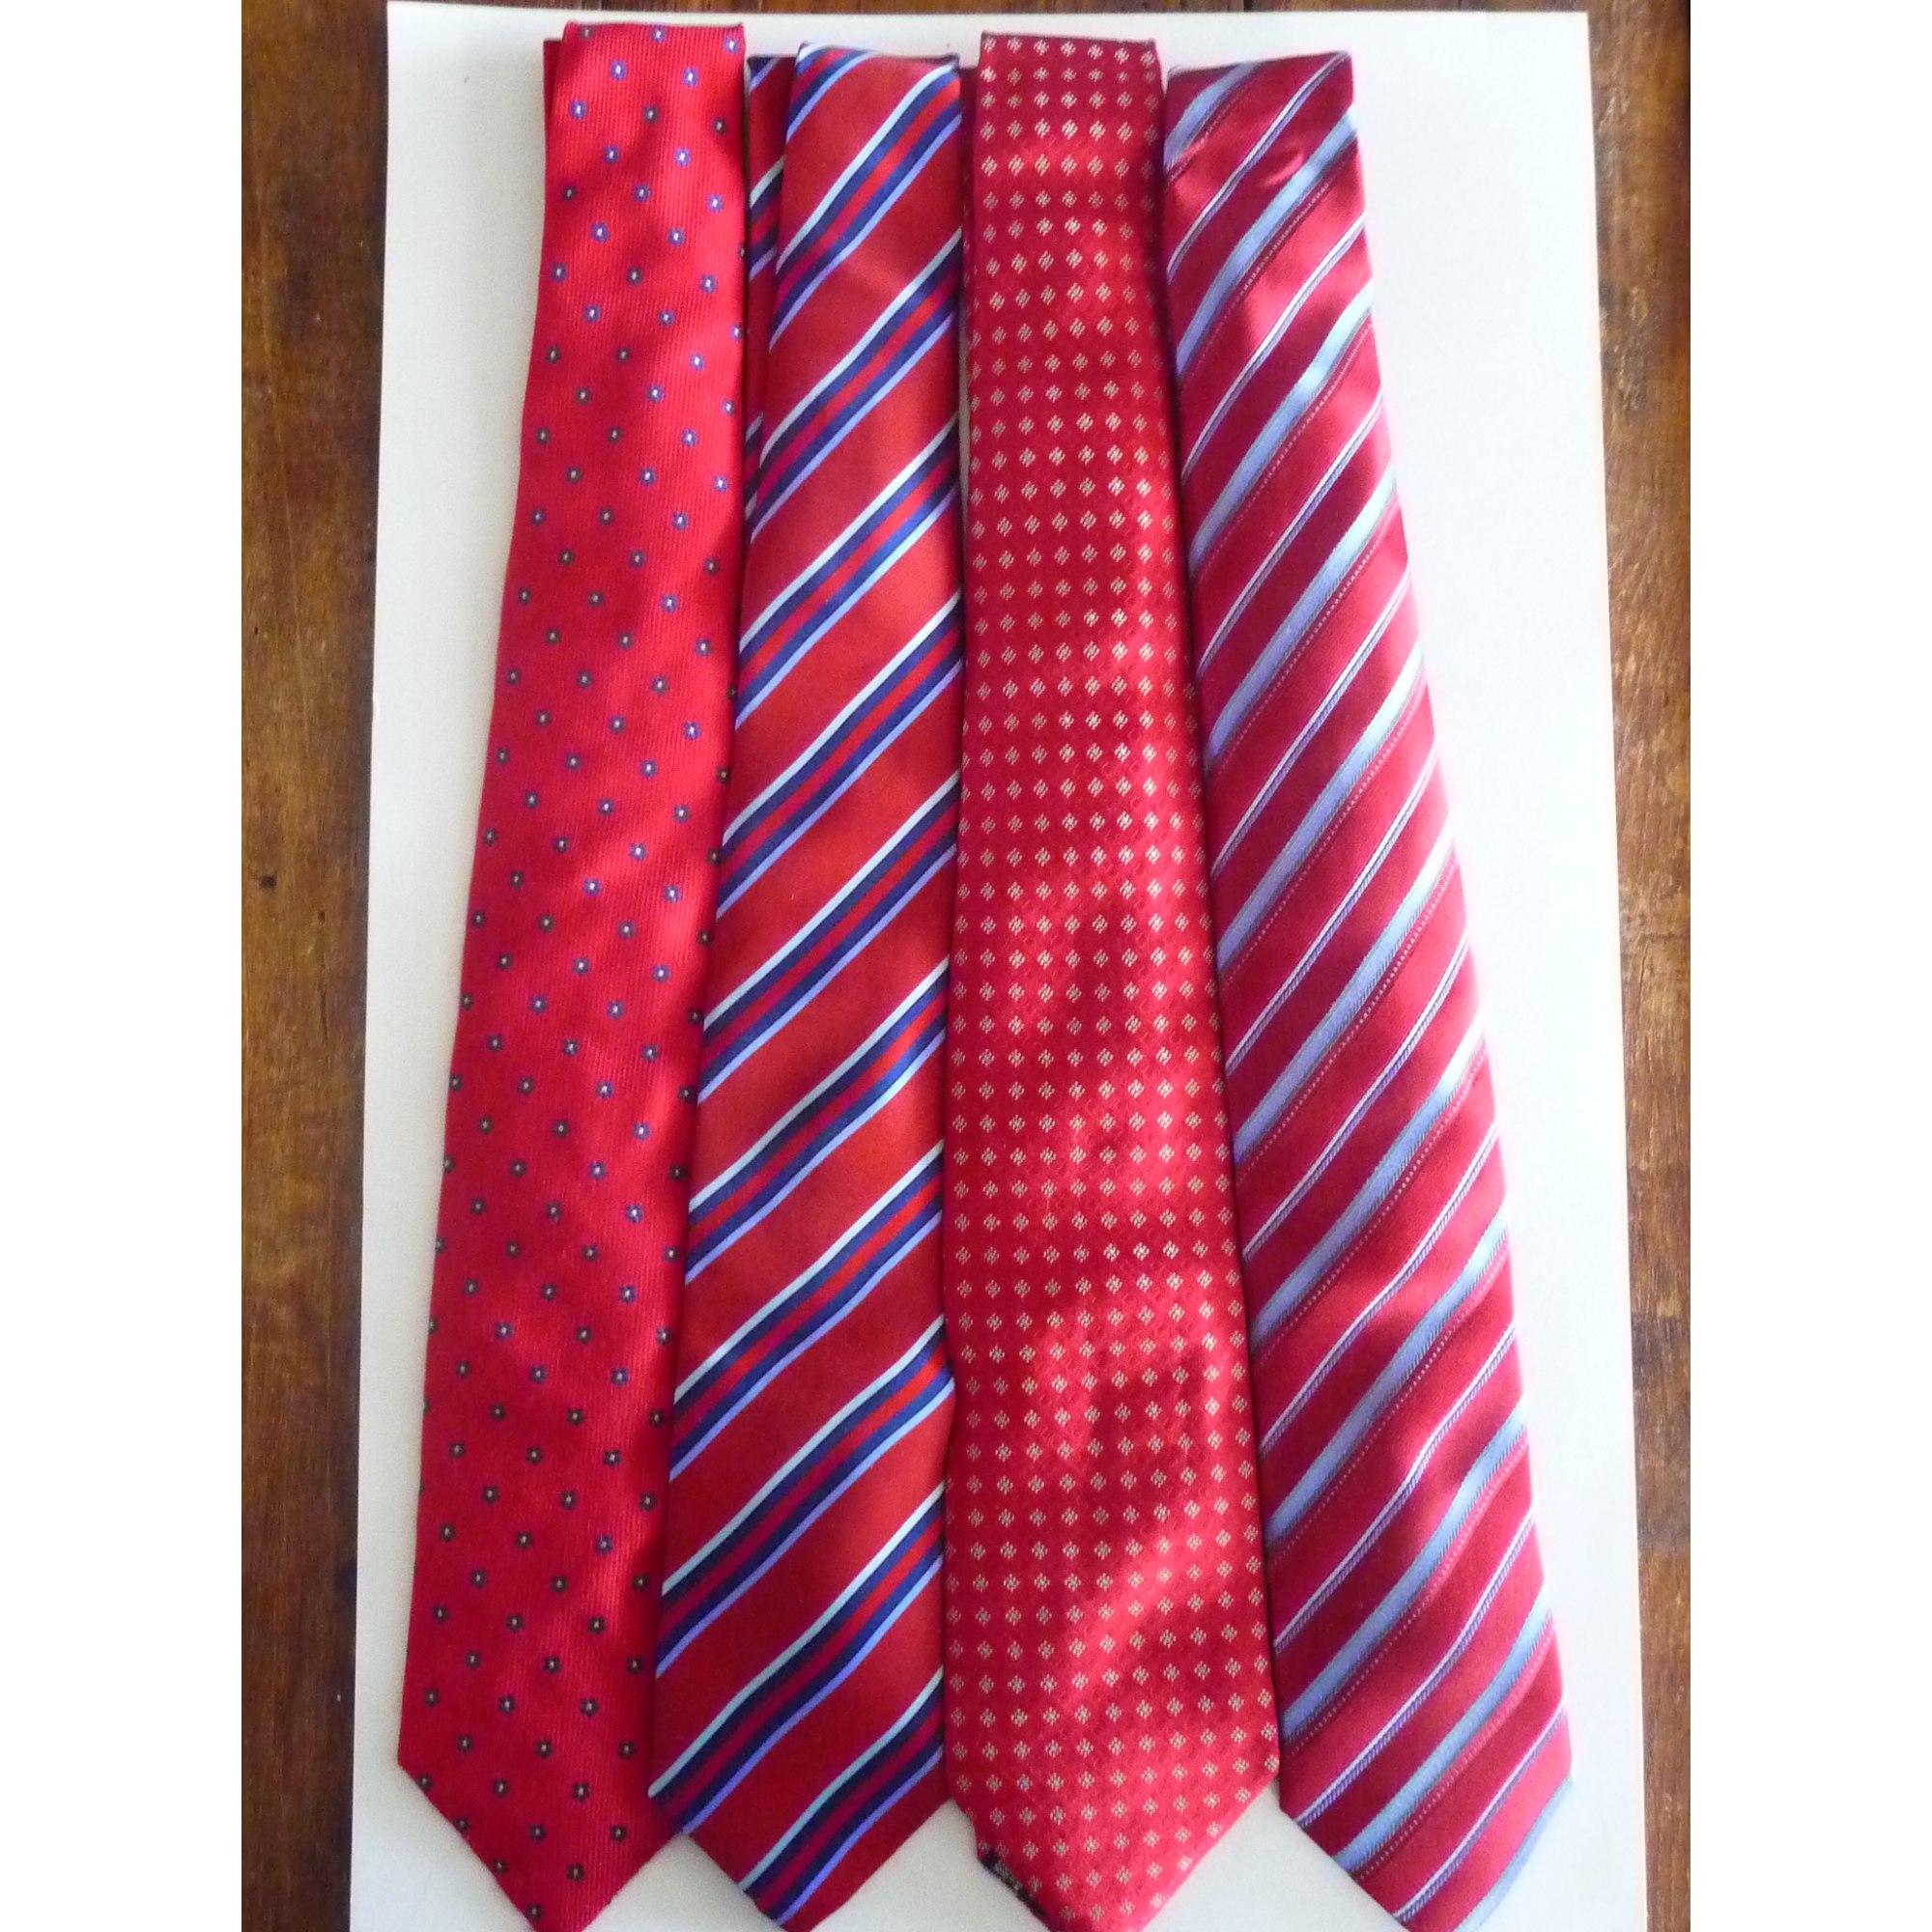 Tie TIE RACK multicolor - 3312897